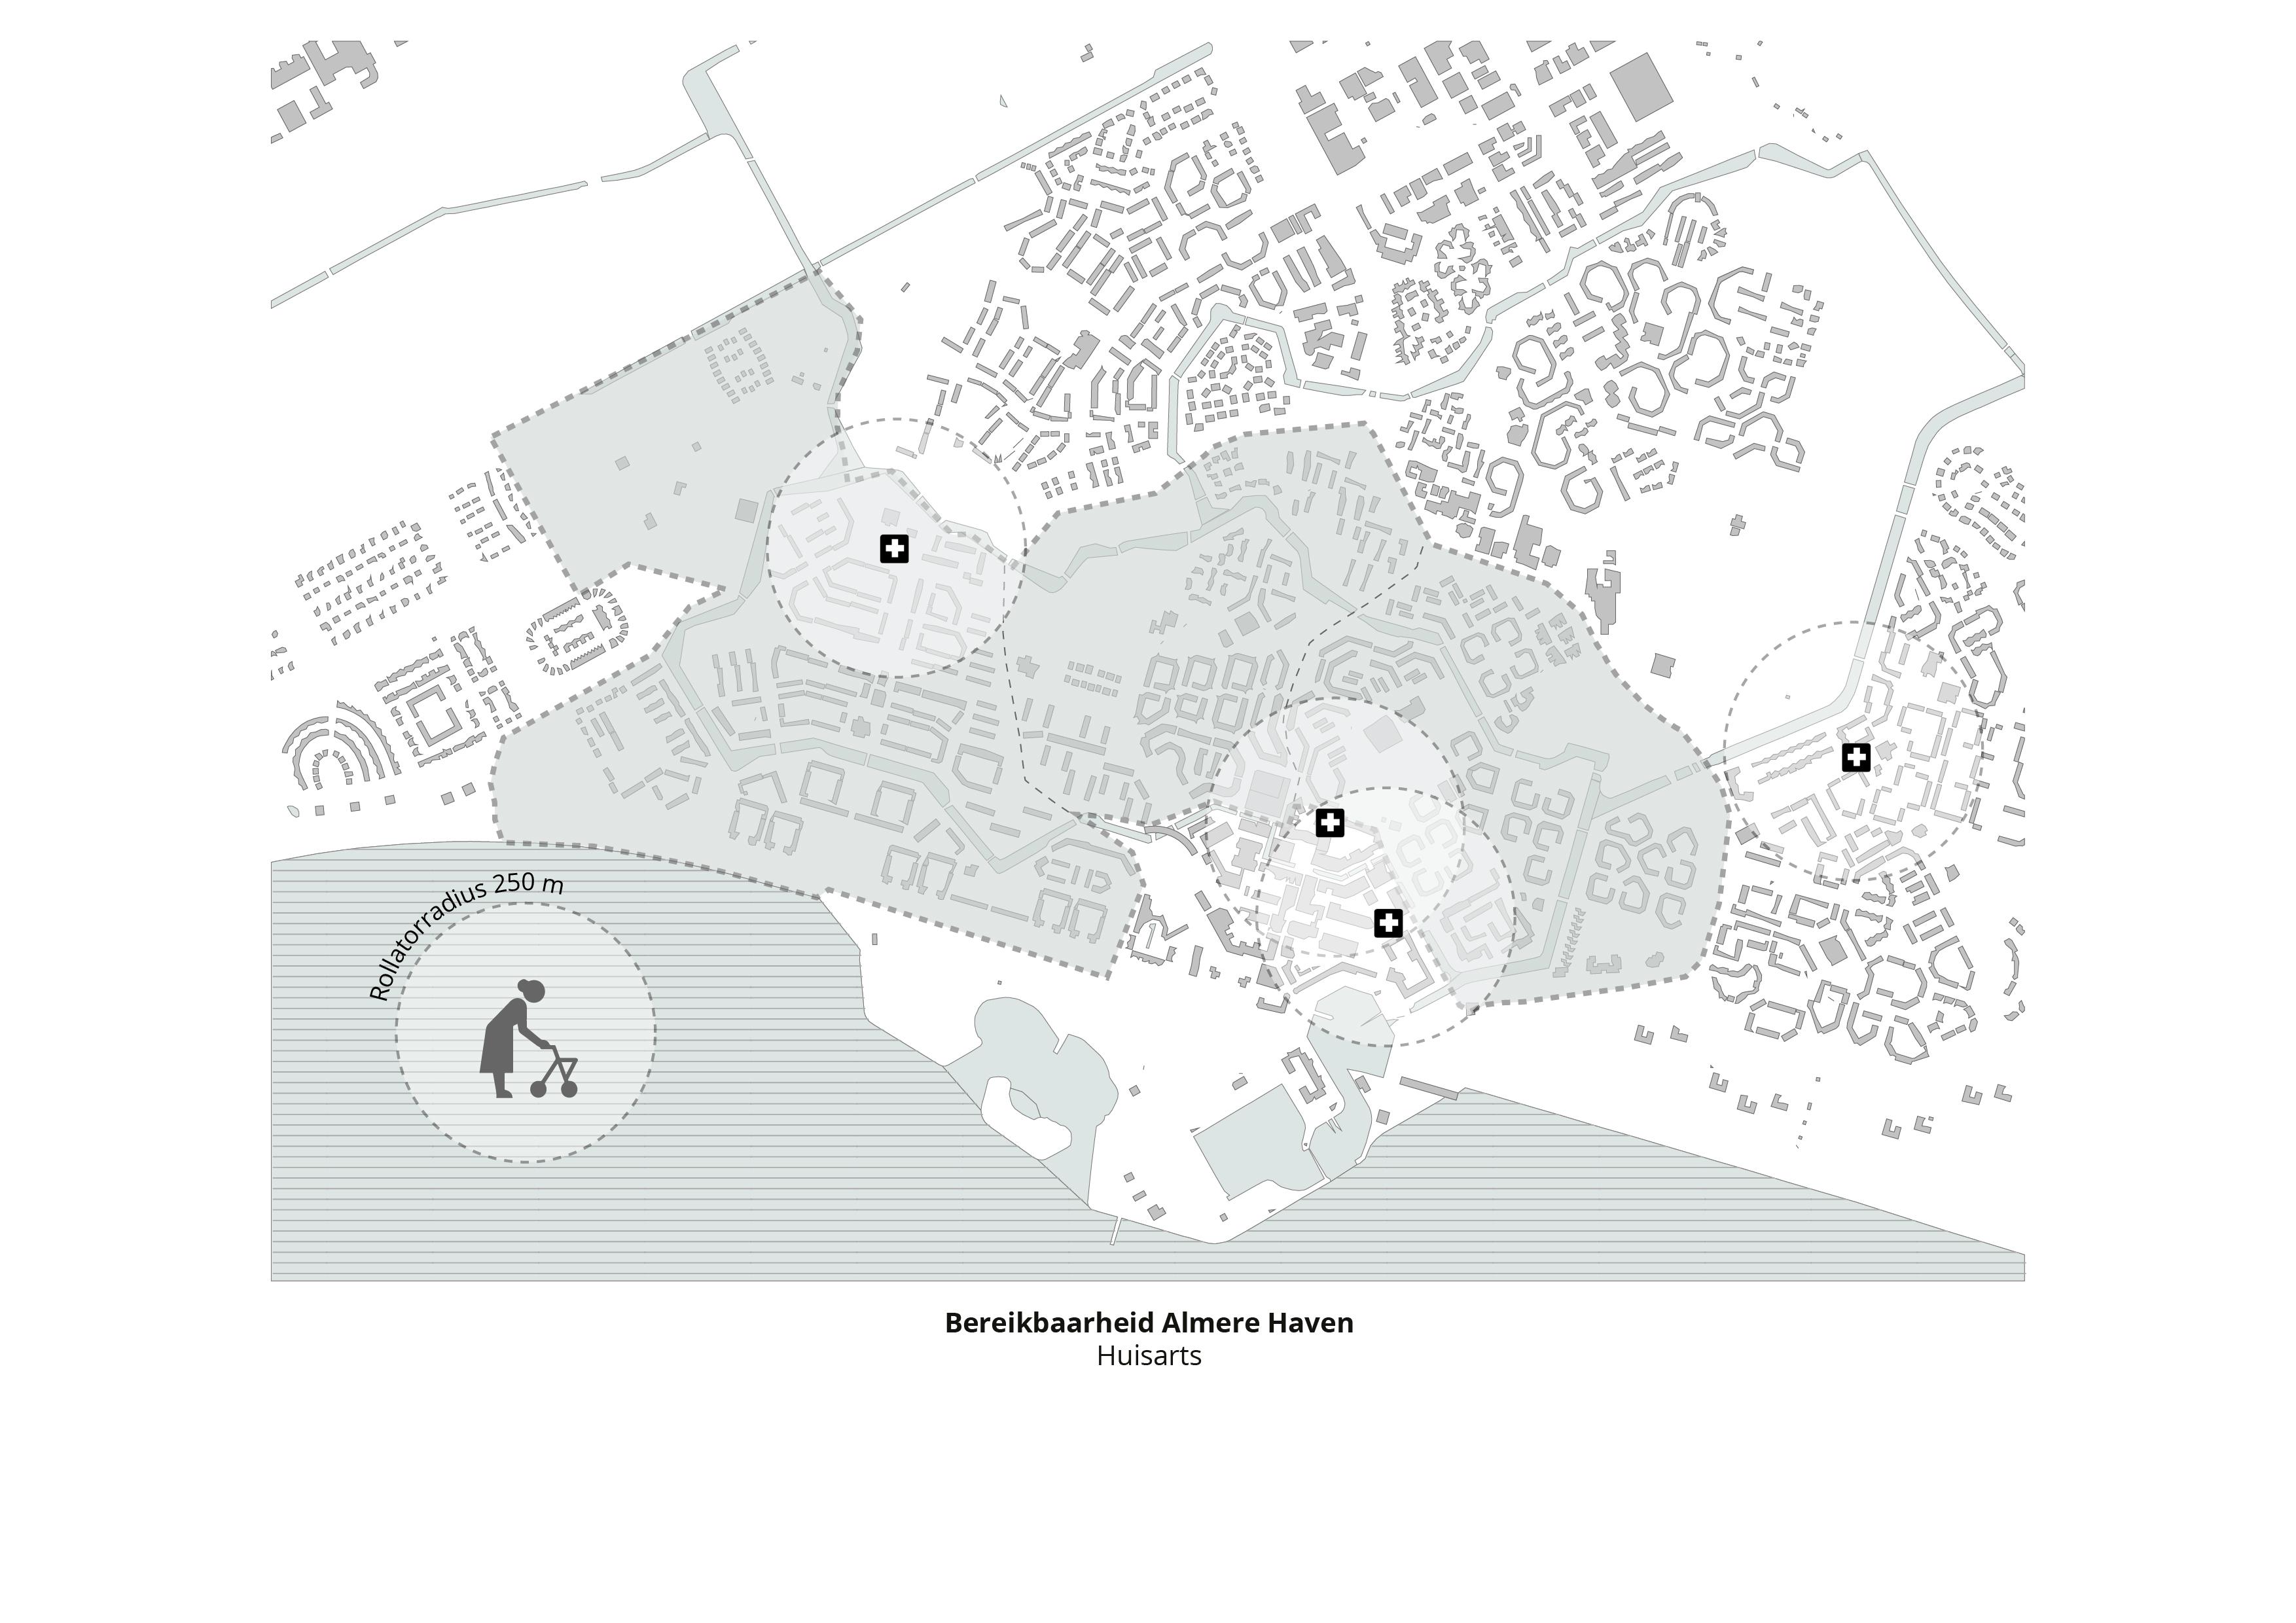 Koppelknopen Almere Haven – Huisarts